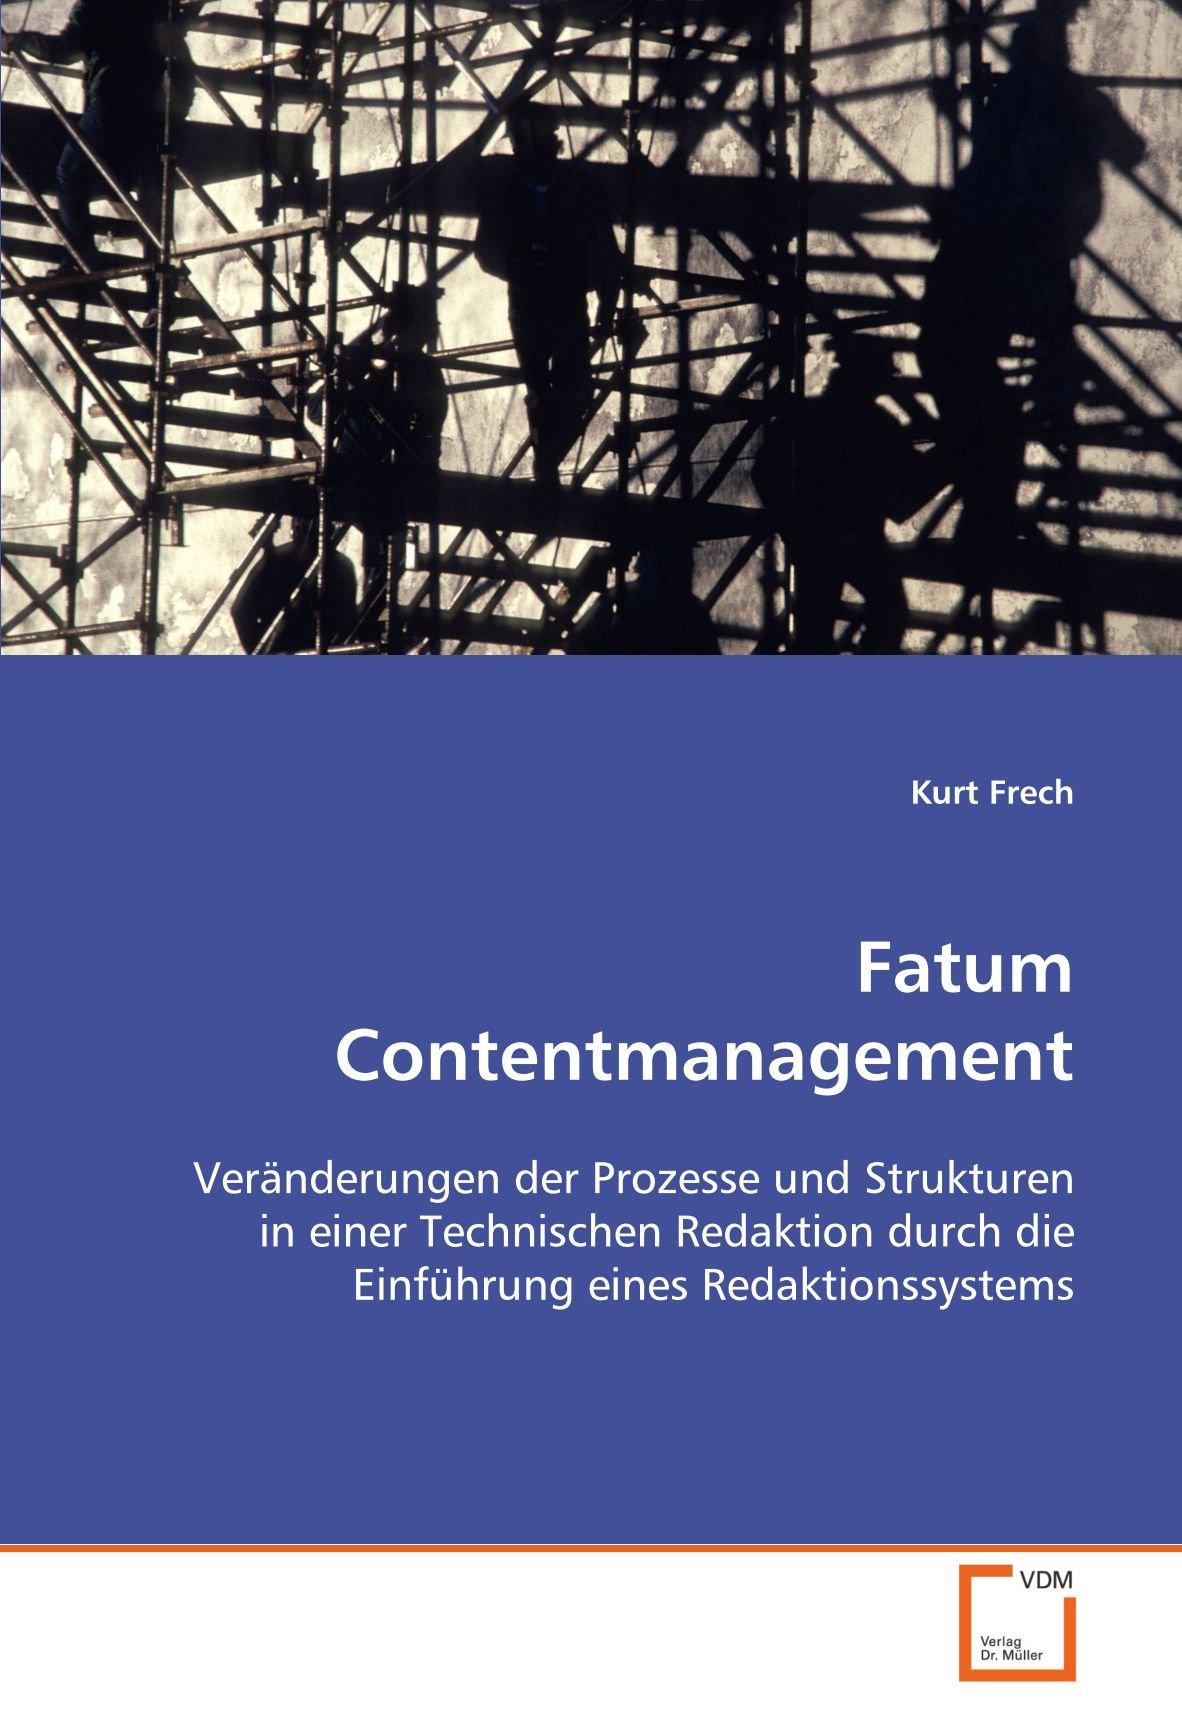 Fatum Contentmanagement: Veränderungen der Prozesse und Strukturen in einer Technischen Redaktion durch die Einführung eines Redaktionssystems